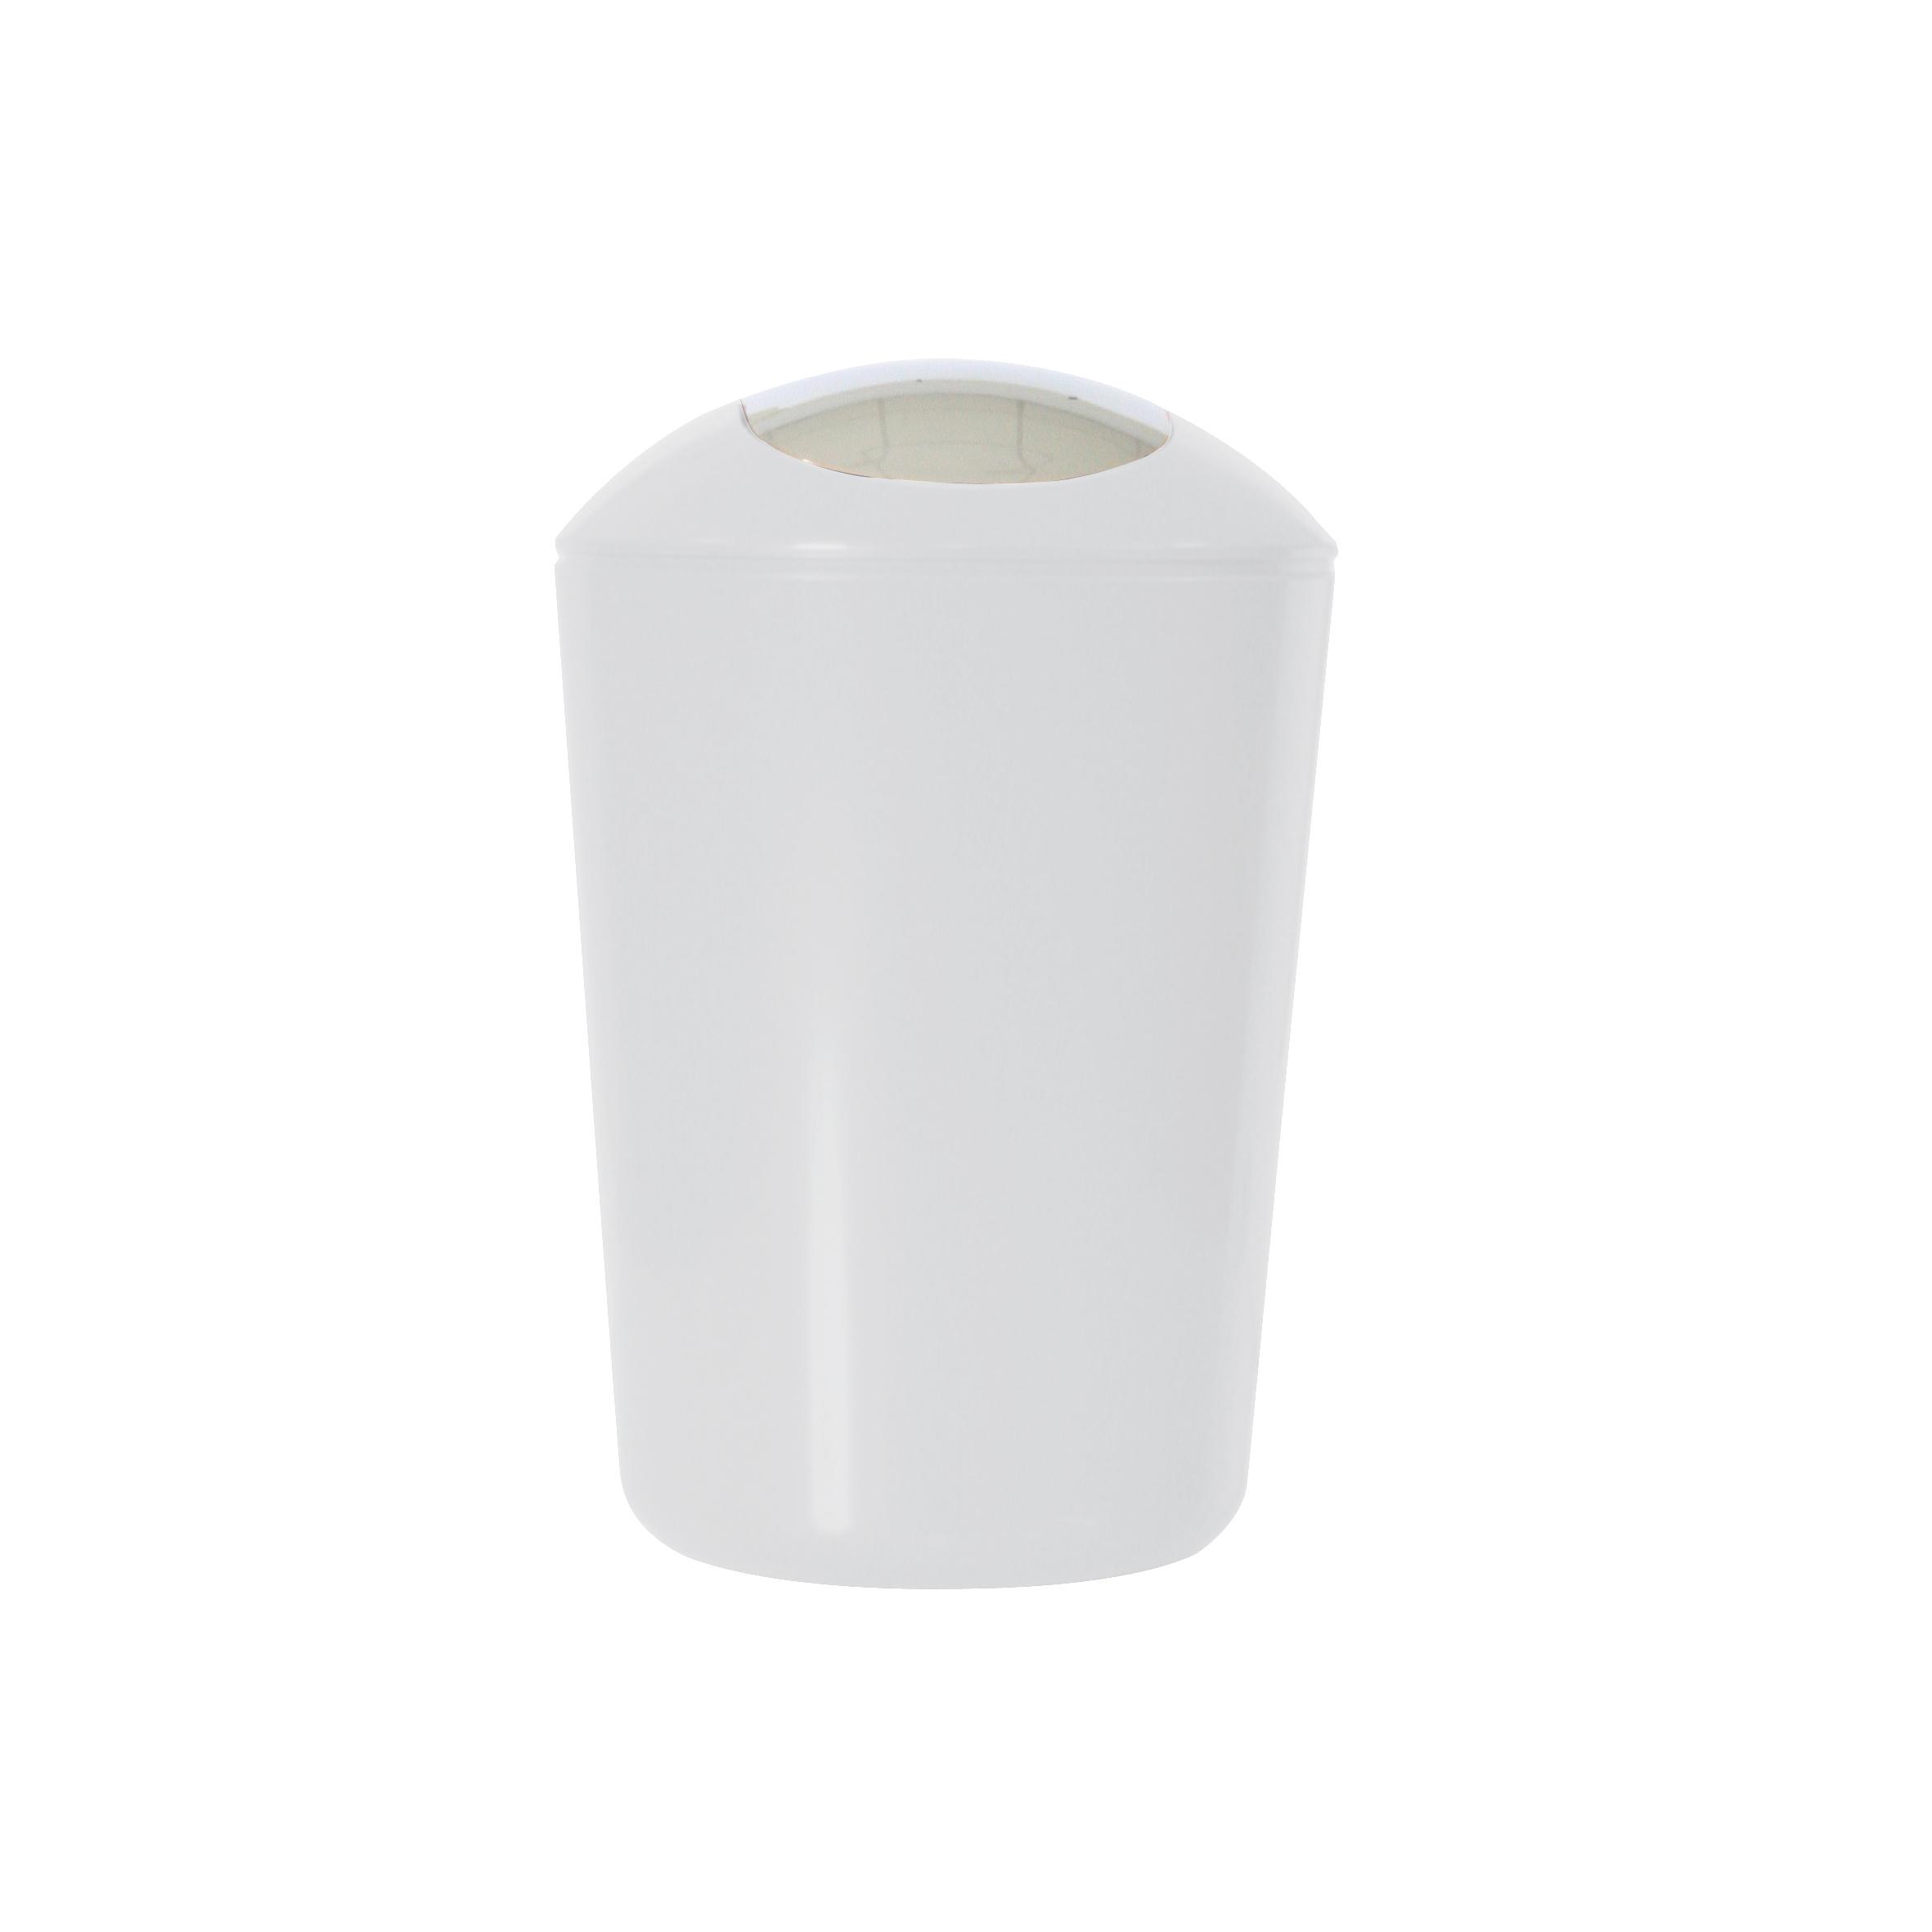 Ведро для мусора Axentia, с крышкой, цвет: белый, хром, 5 л251078Глянцевое ведро для мусора Axentia, выполненное из высококачественного износостойкого пластика, оснащено хромированную крышку типа качели. Подходит для использования в ванной комнате или на кухне. Стильный дизайн и яркая расцветка прекрасно подойдет для любого интерьера ванной комнаты или кухни. Размер ведра: 20 х 20 х 30 см. Объем ведра: 5 л.